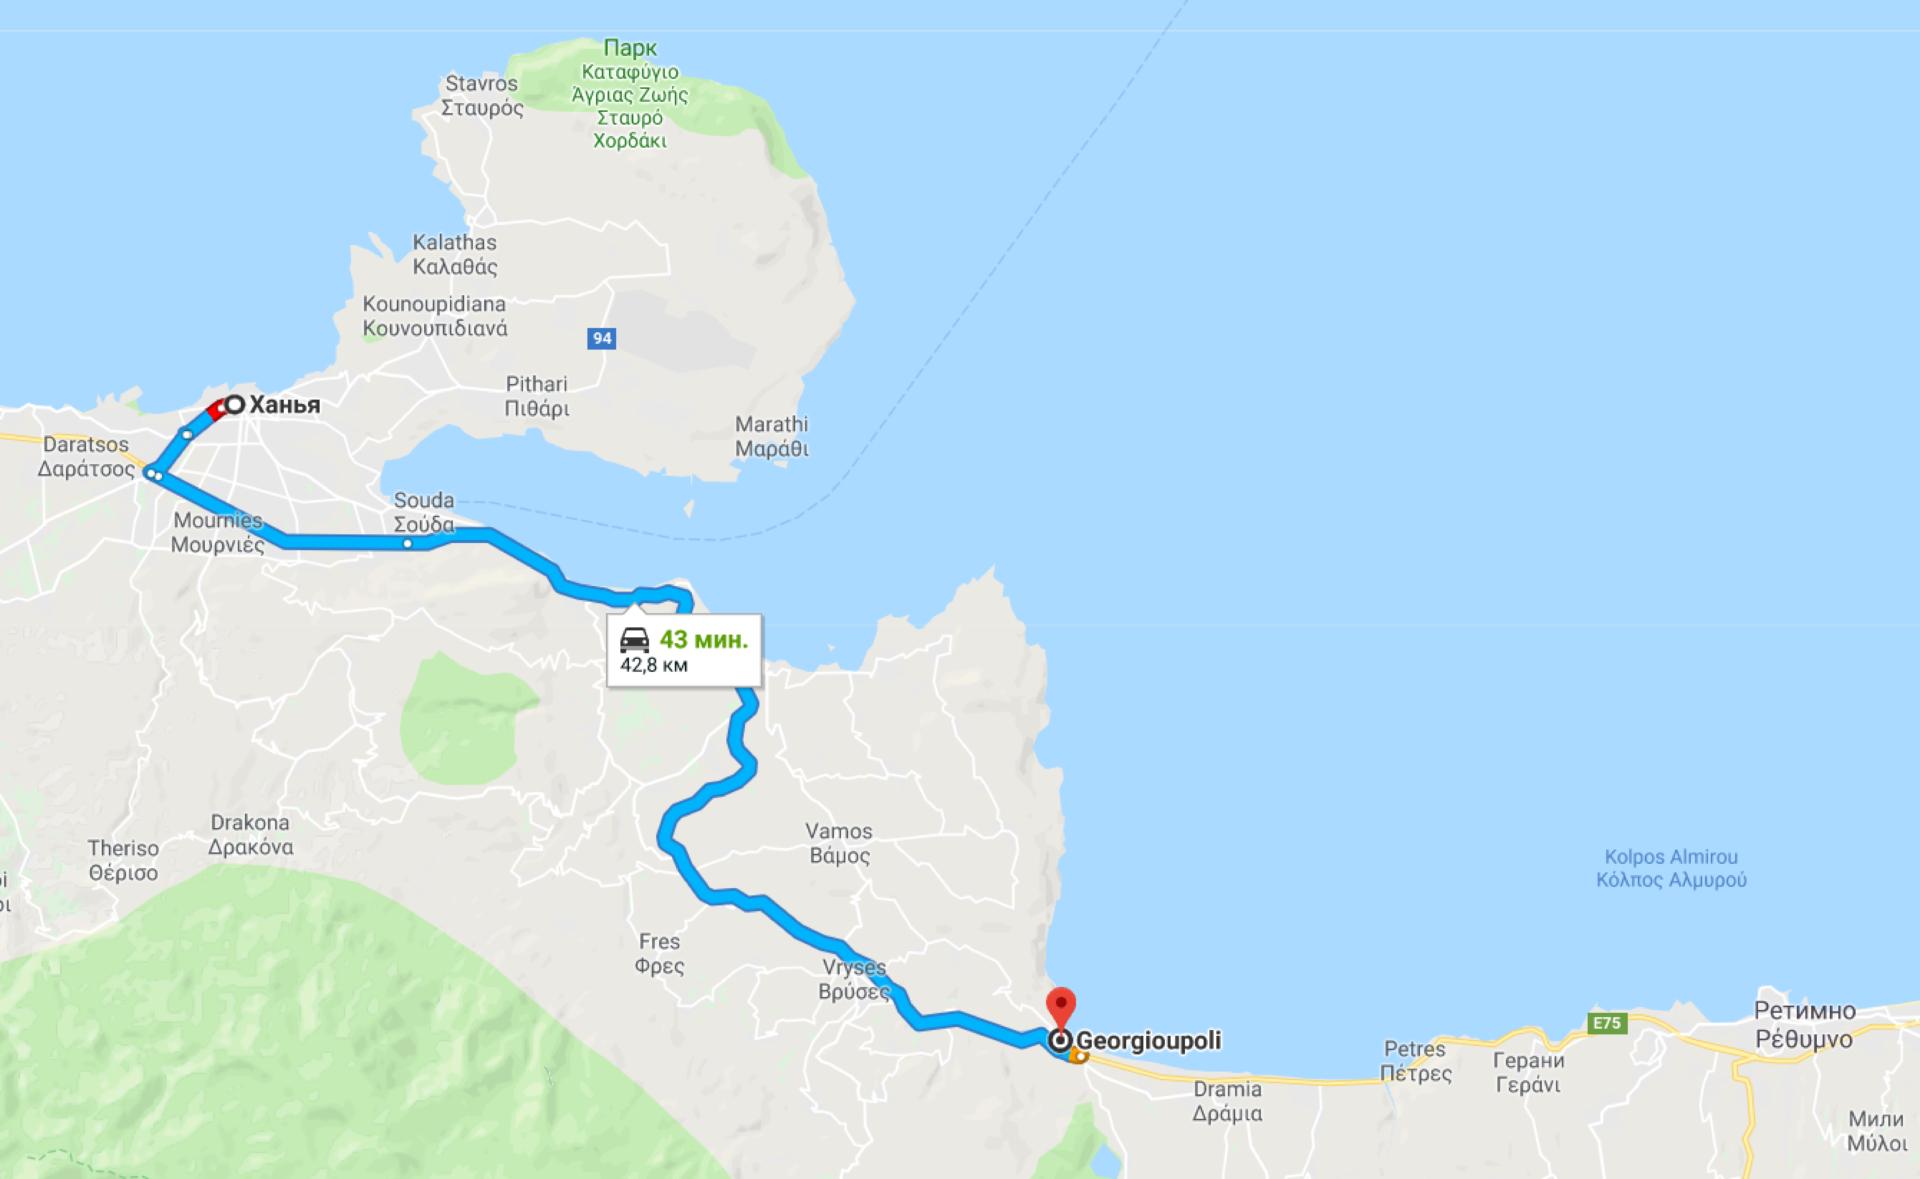 Церковь посреди моря. Дойдут только смельчаки. Георгиуполис (Крит)